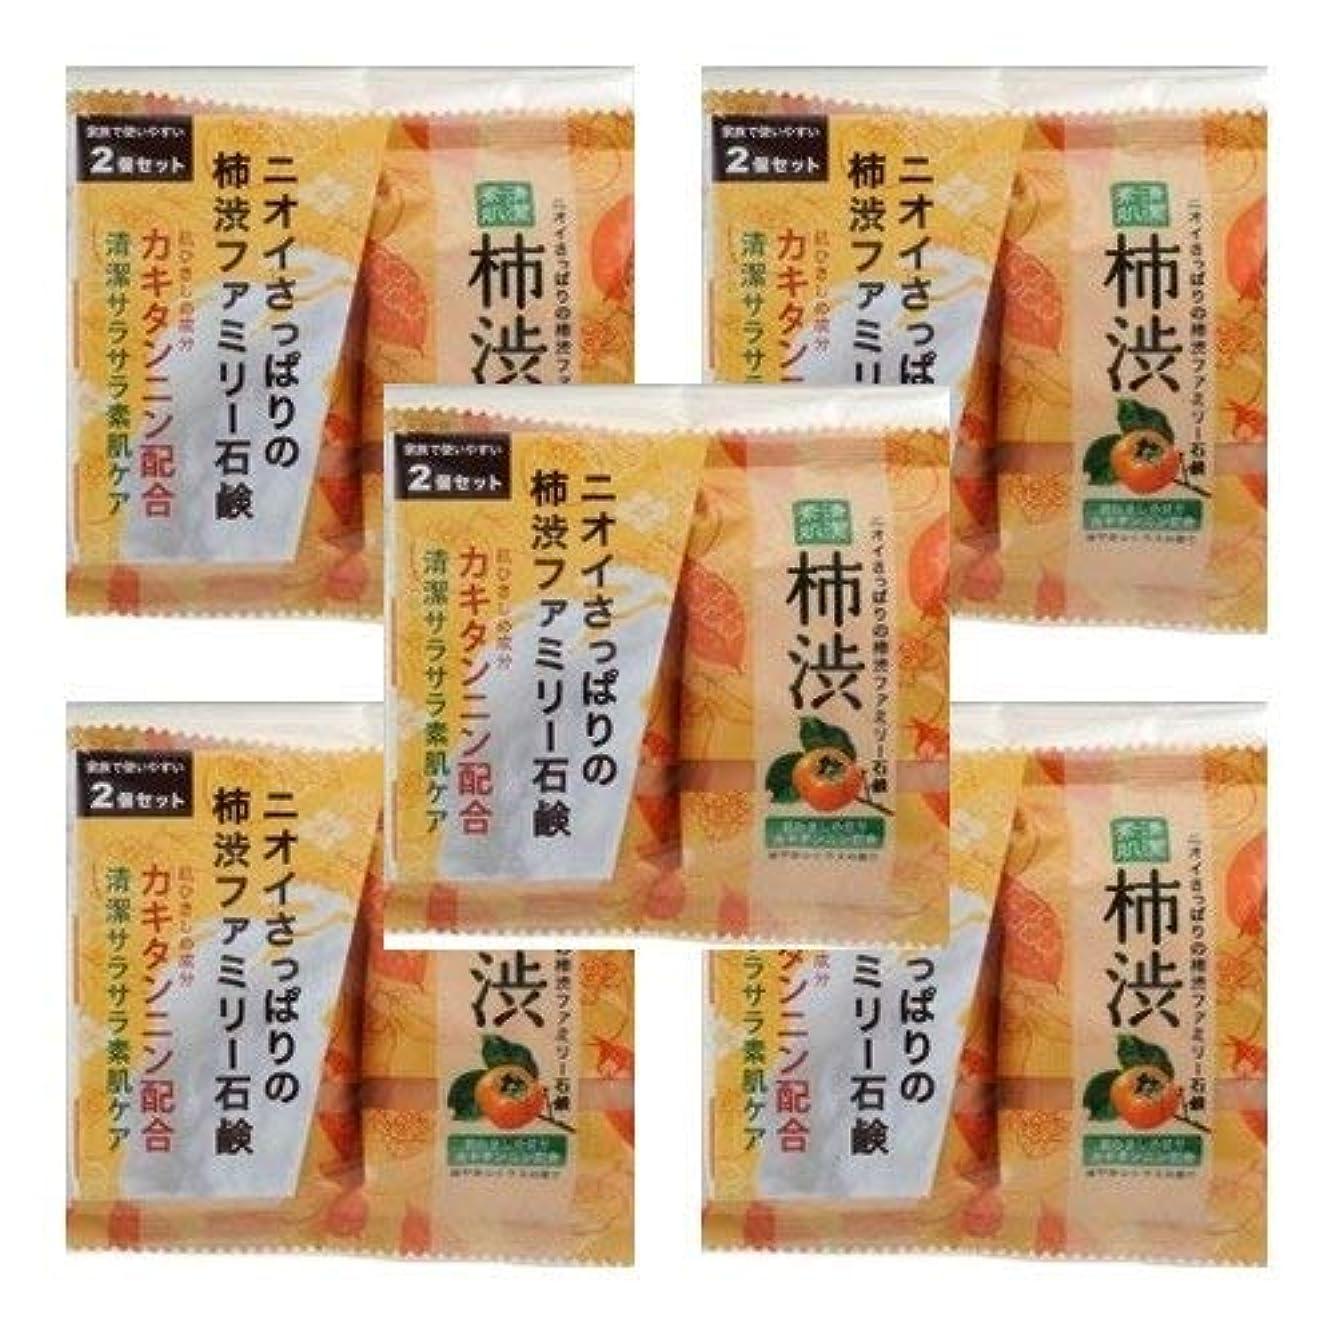 団結する結果探すペリカン石鹸 ファミリー柿渋石けん 2個入×5点セット